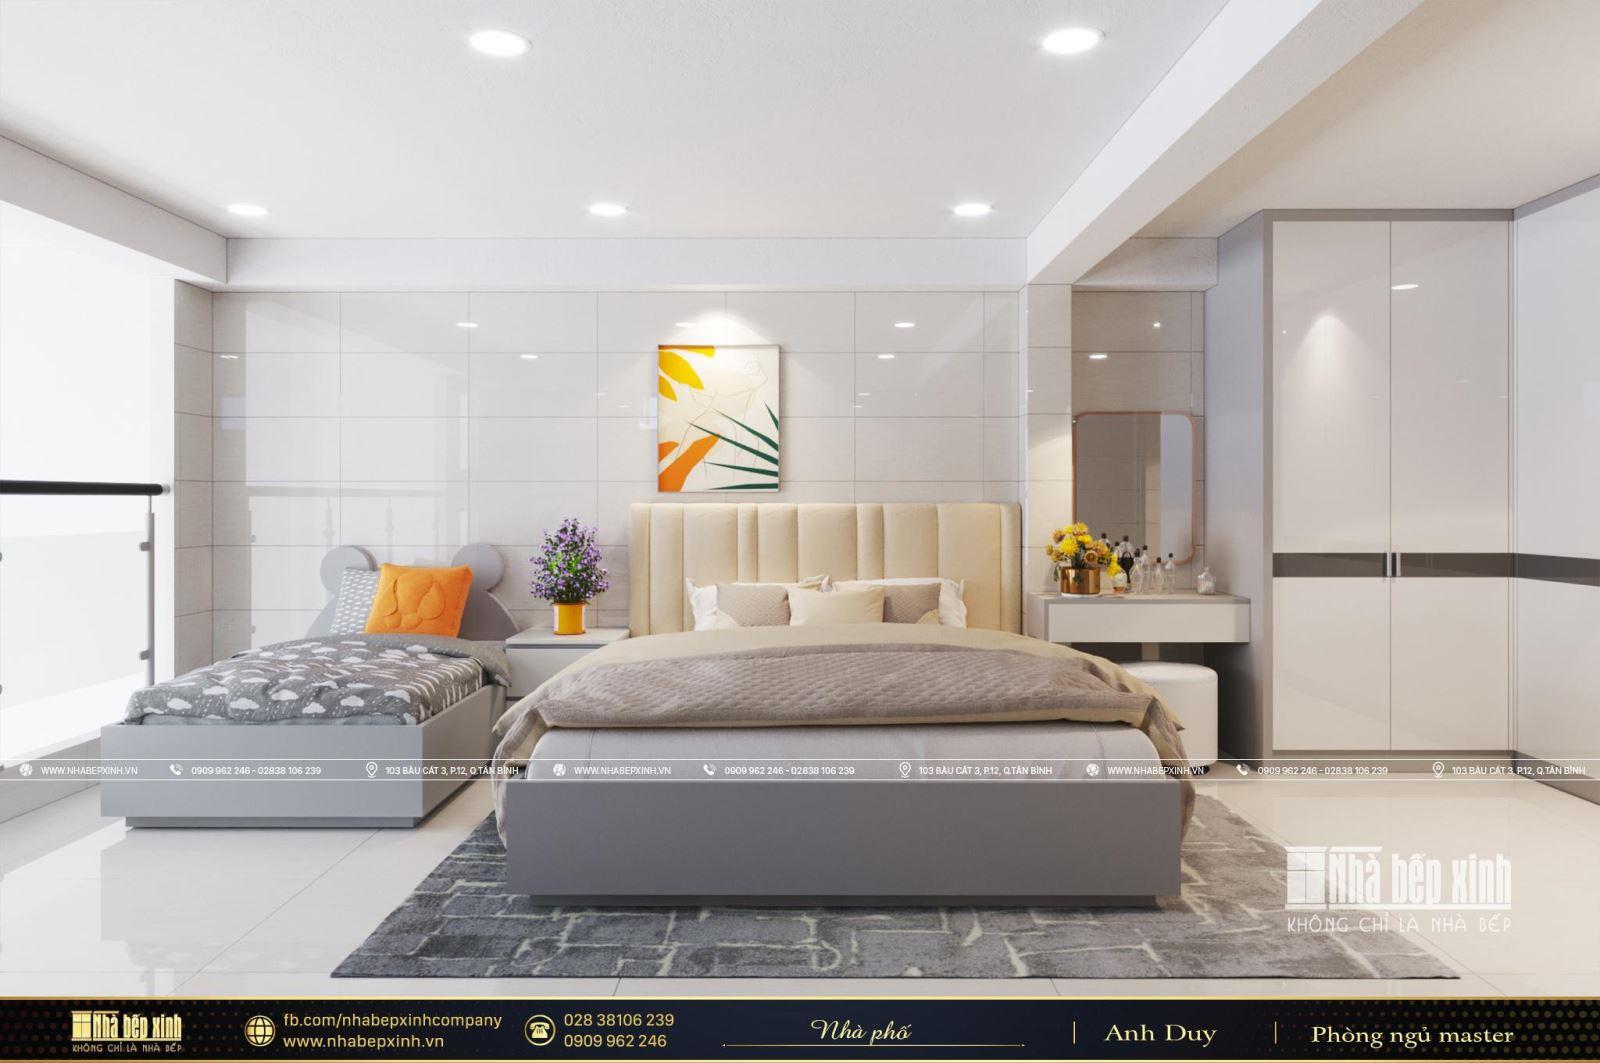 Thiết kế phòng ngủ chung cho bố mẹ và con hợp lý nhất